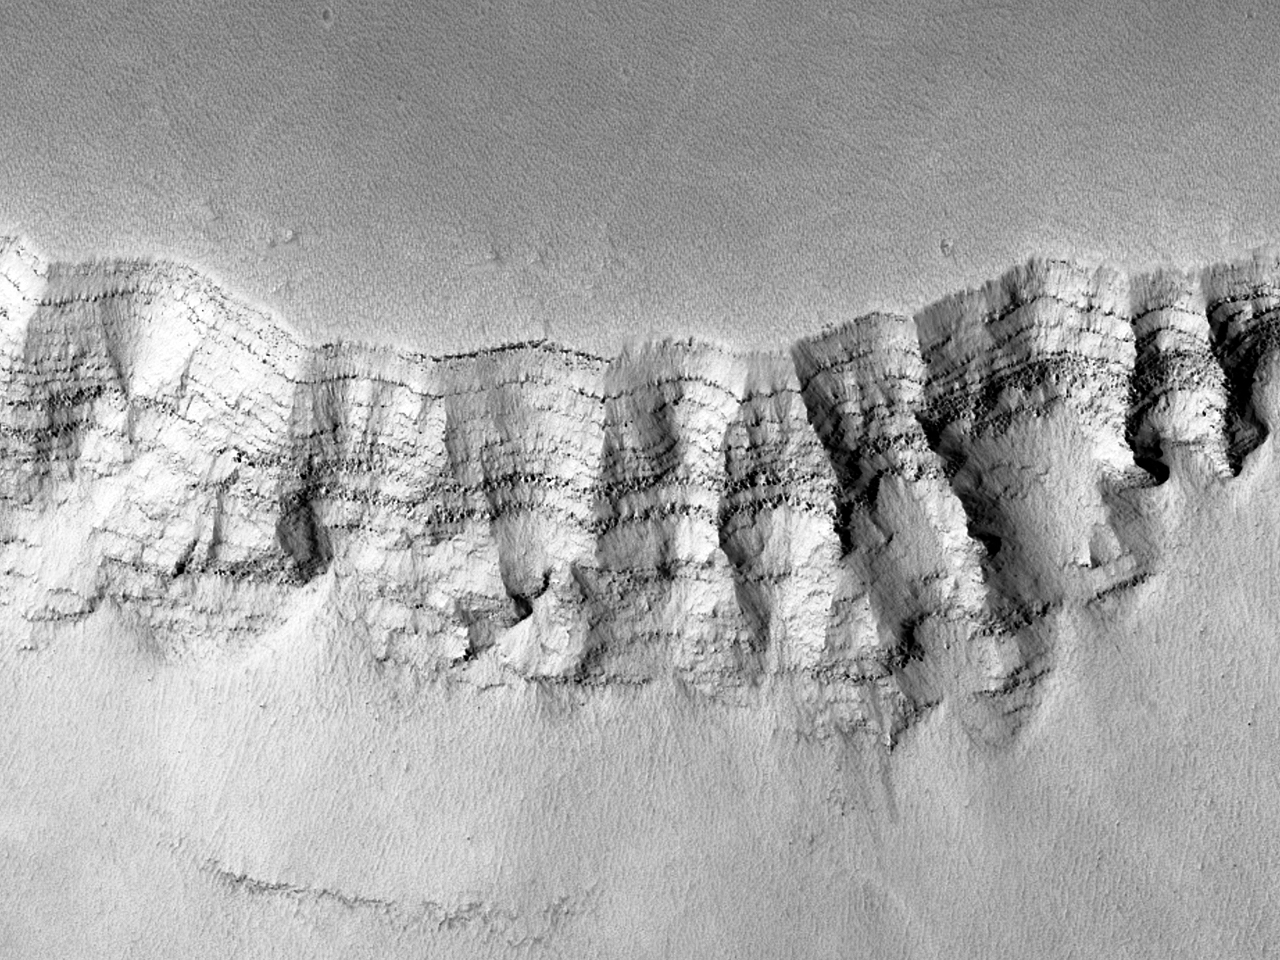 Lagvise avsetninger i Noctis Labyrinthus